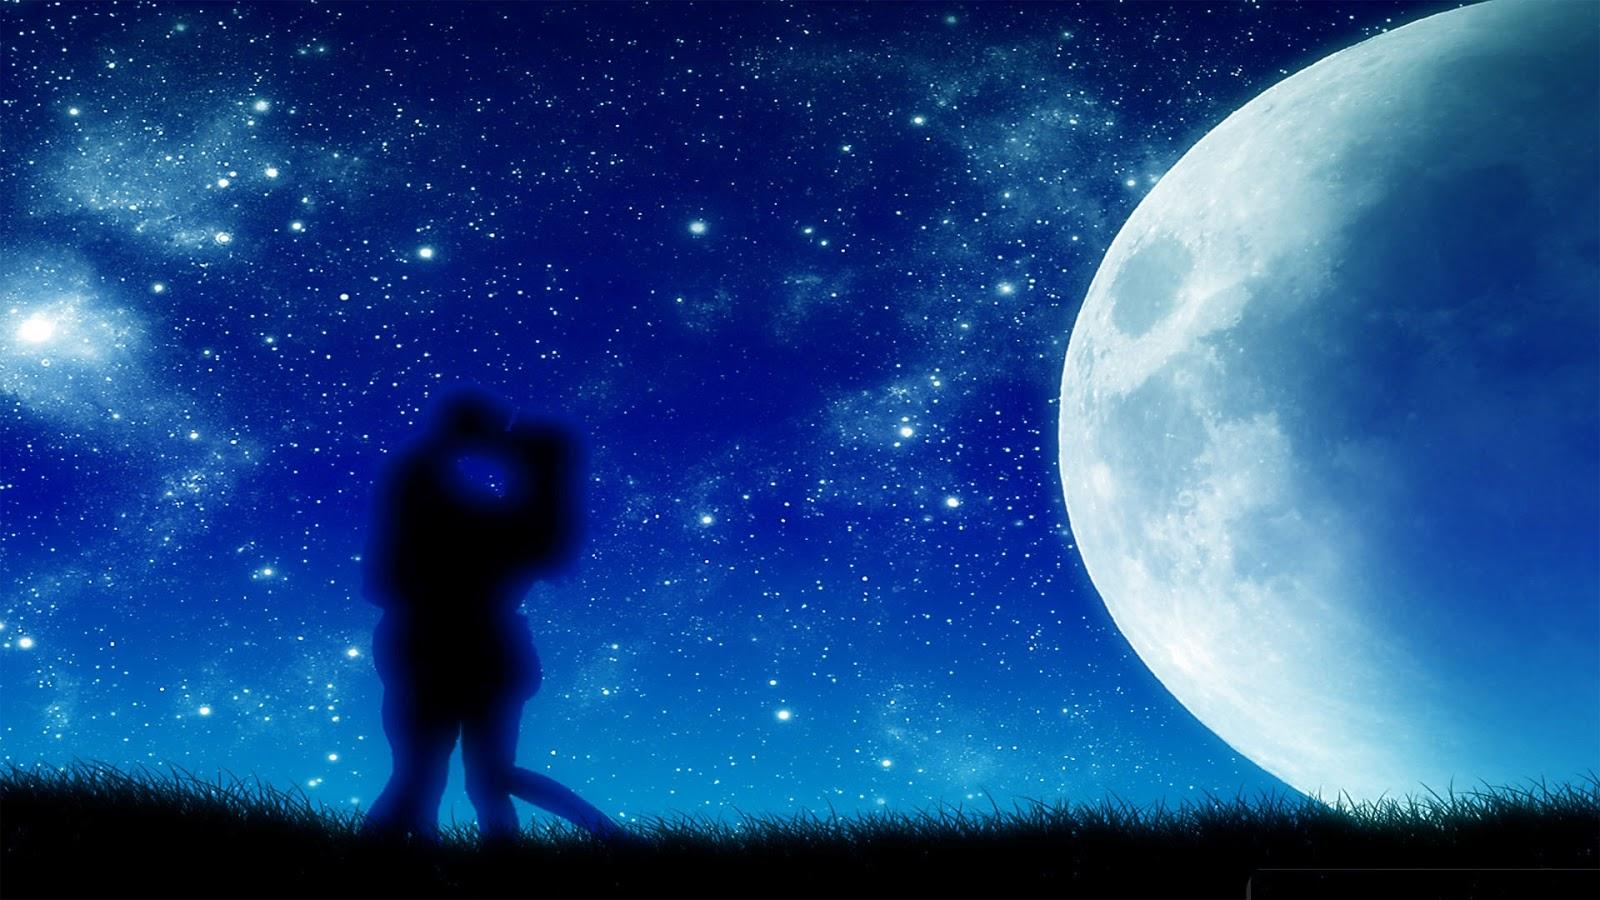 Romantic Ipad Wallpaper: Moonlight Super HD Wallpapers